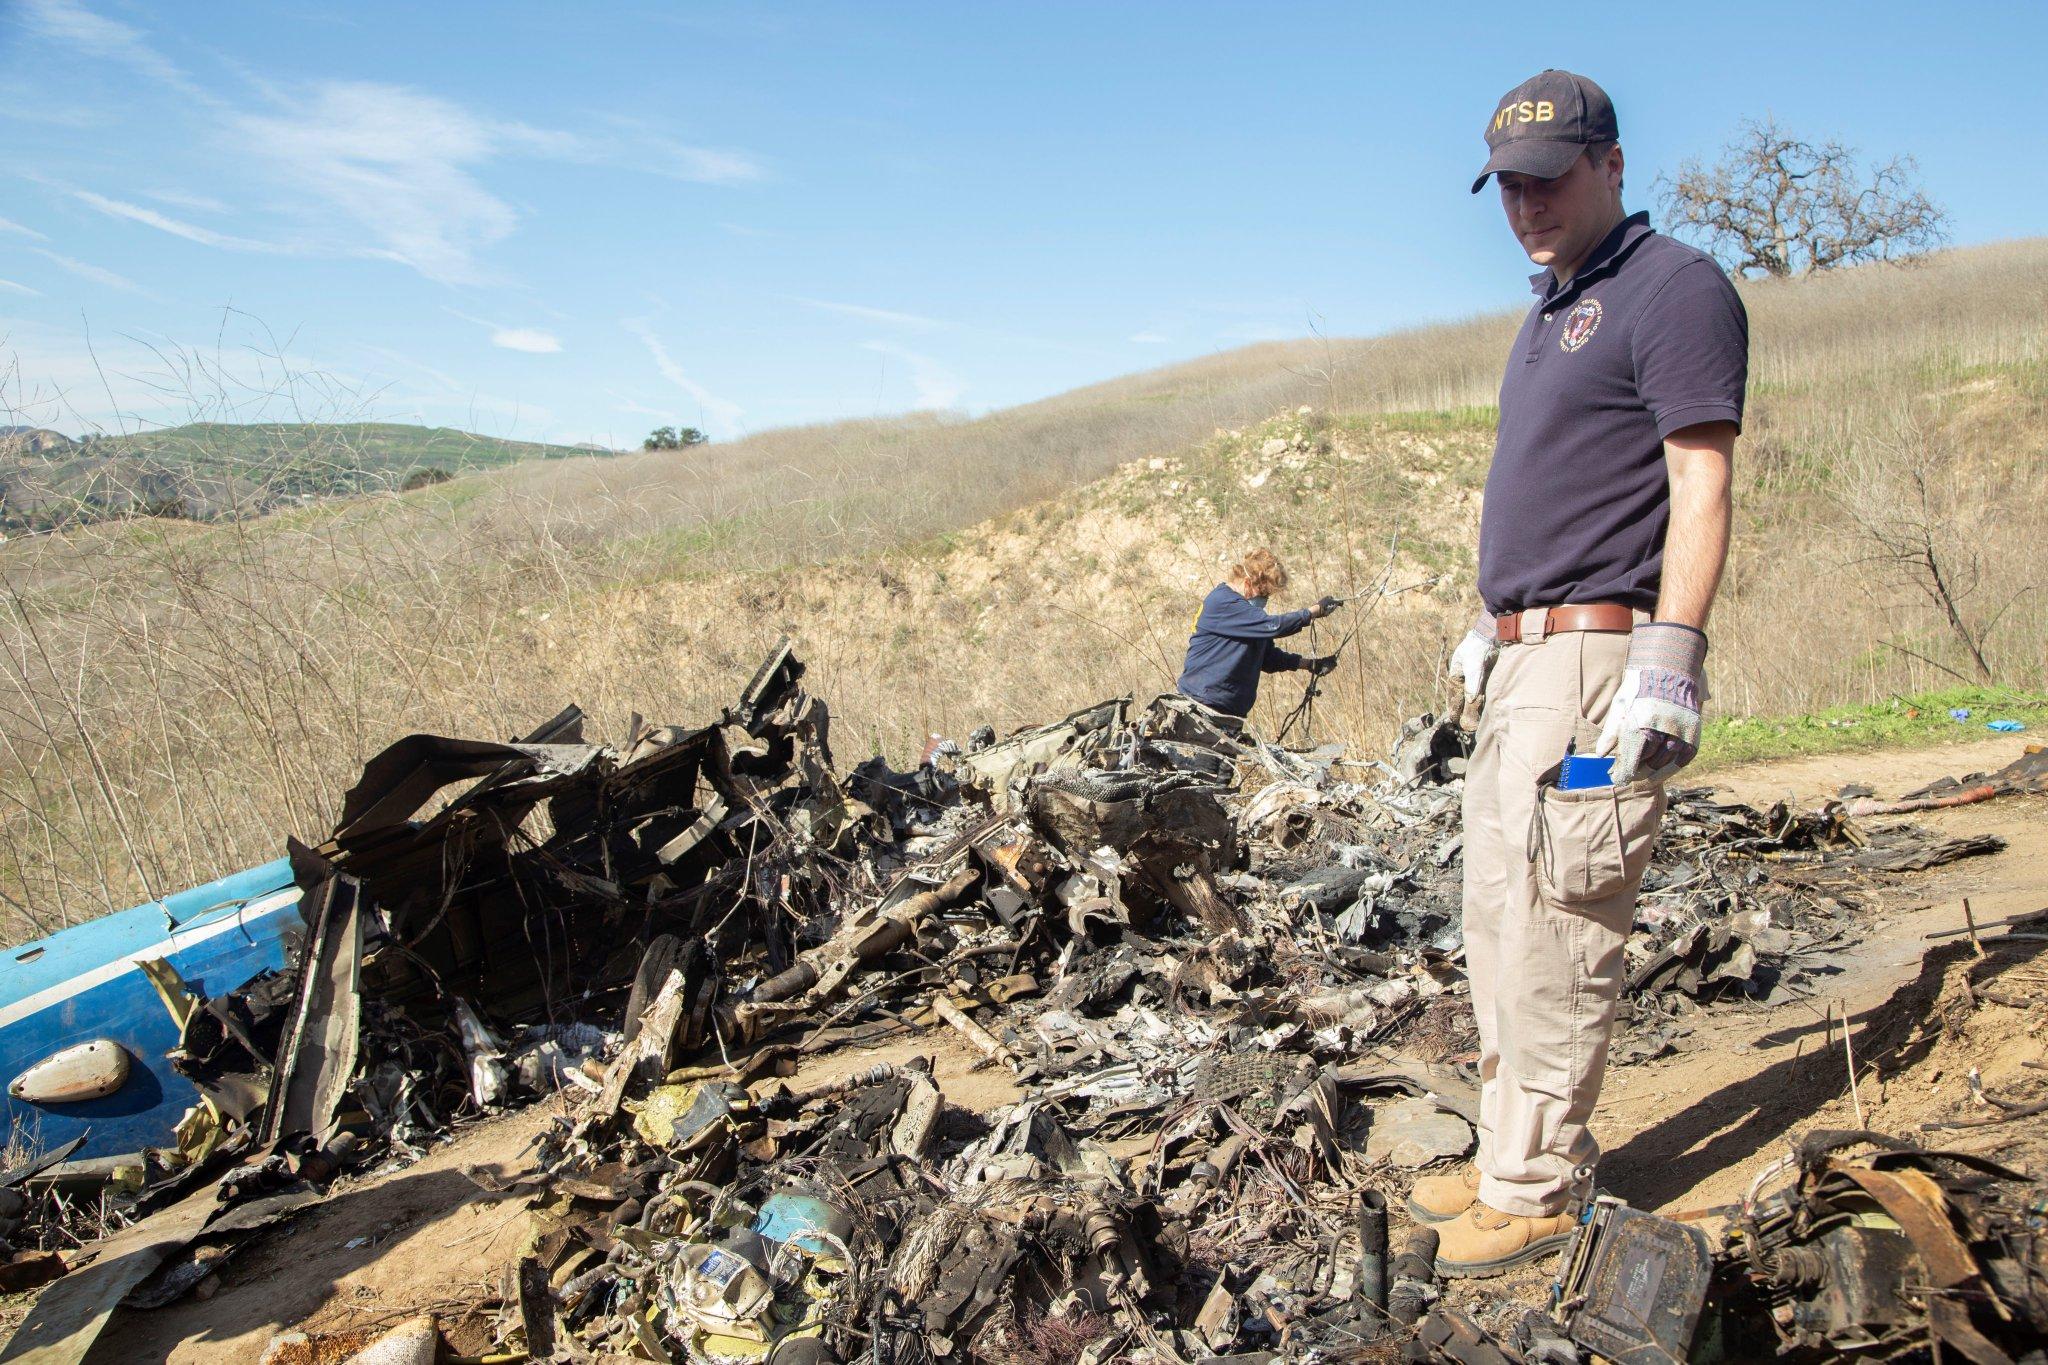 科比搭乘的直升机未配地形警报系统,失联时高度约700米